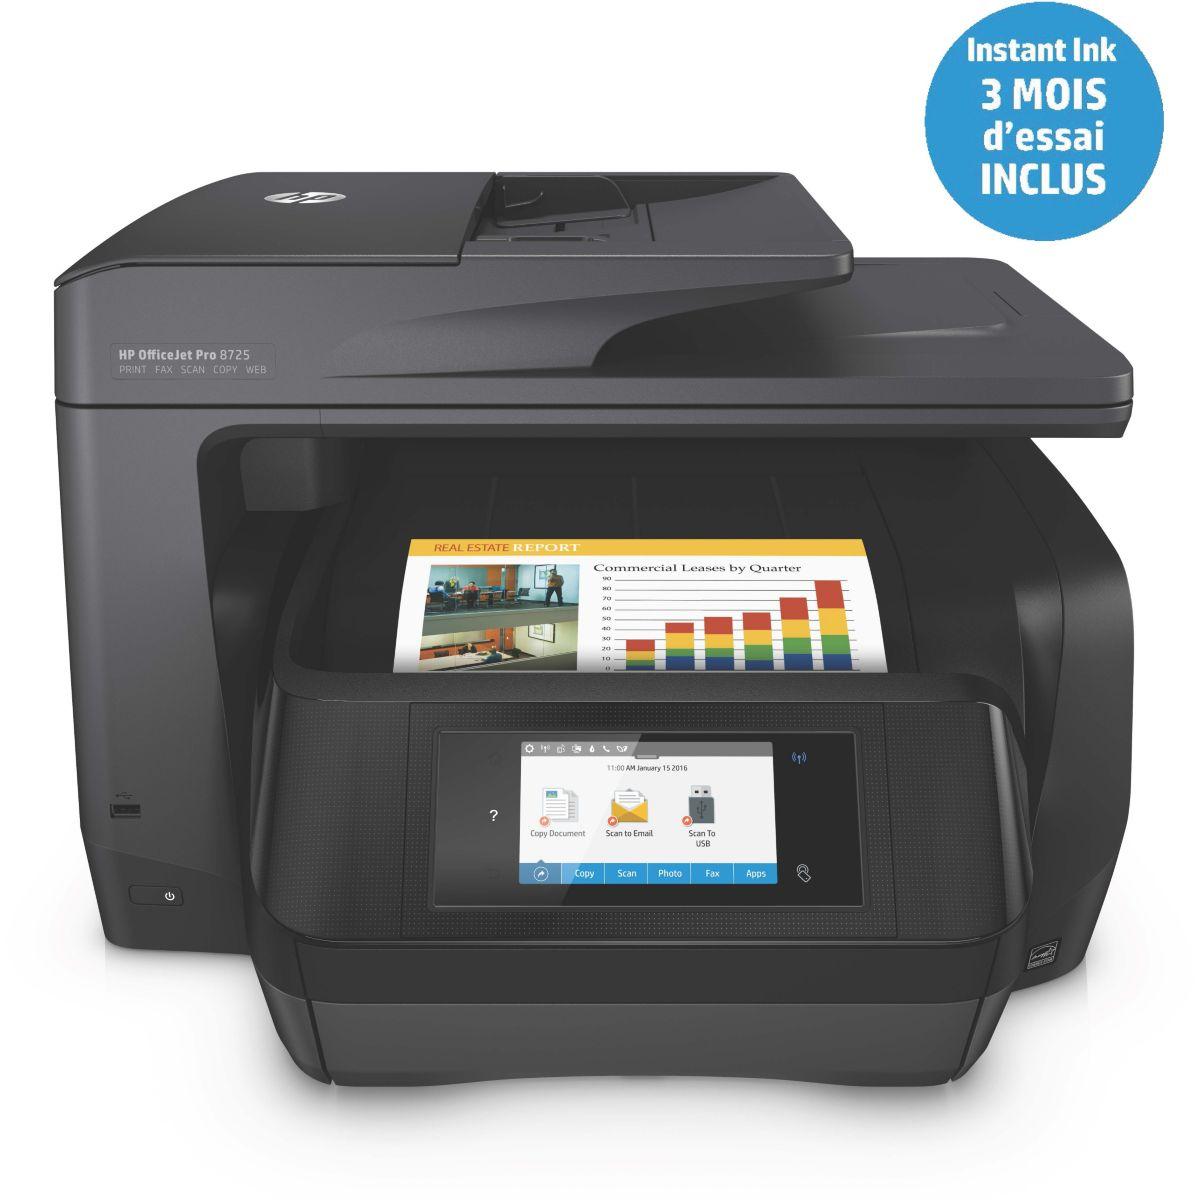 Imprimante jet d'encre HP Office Jet Pro 8725